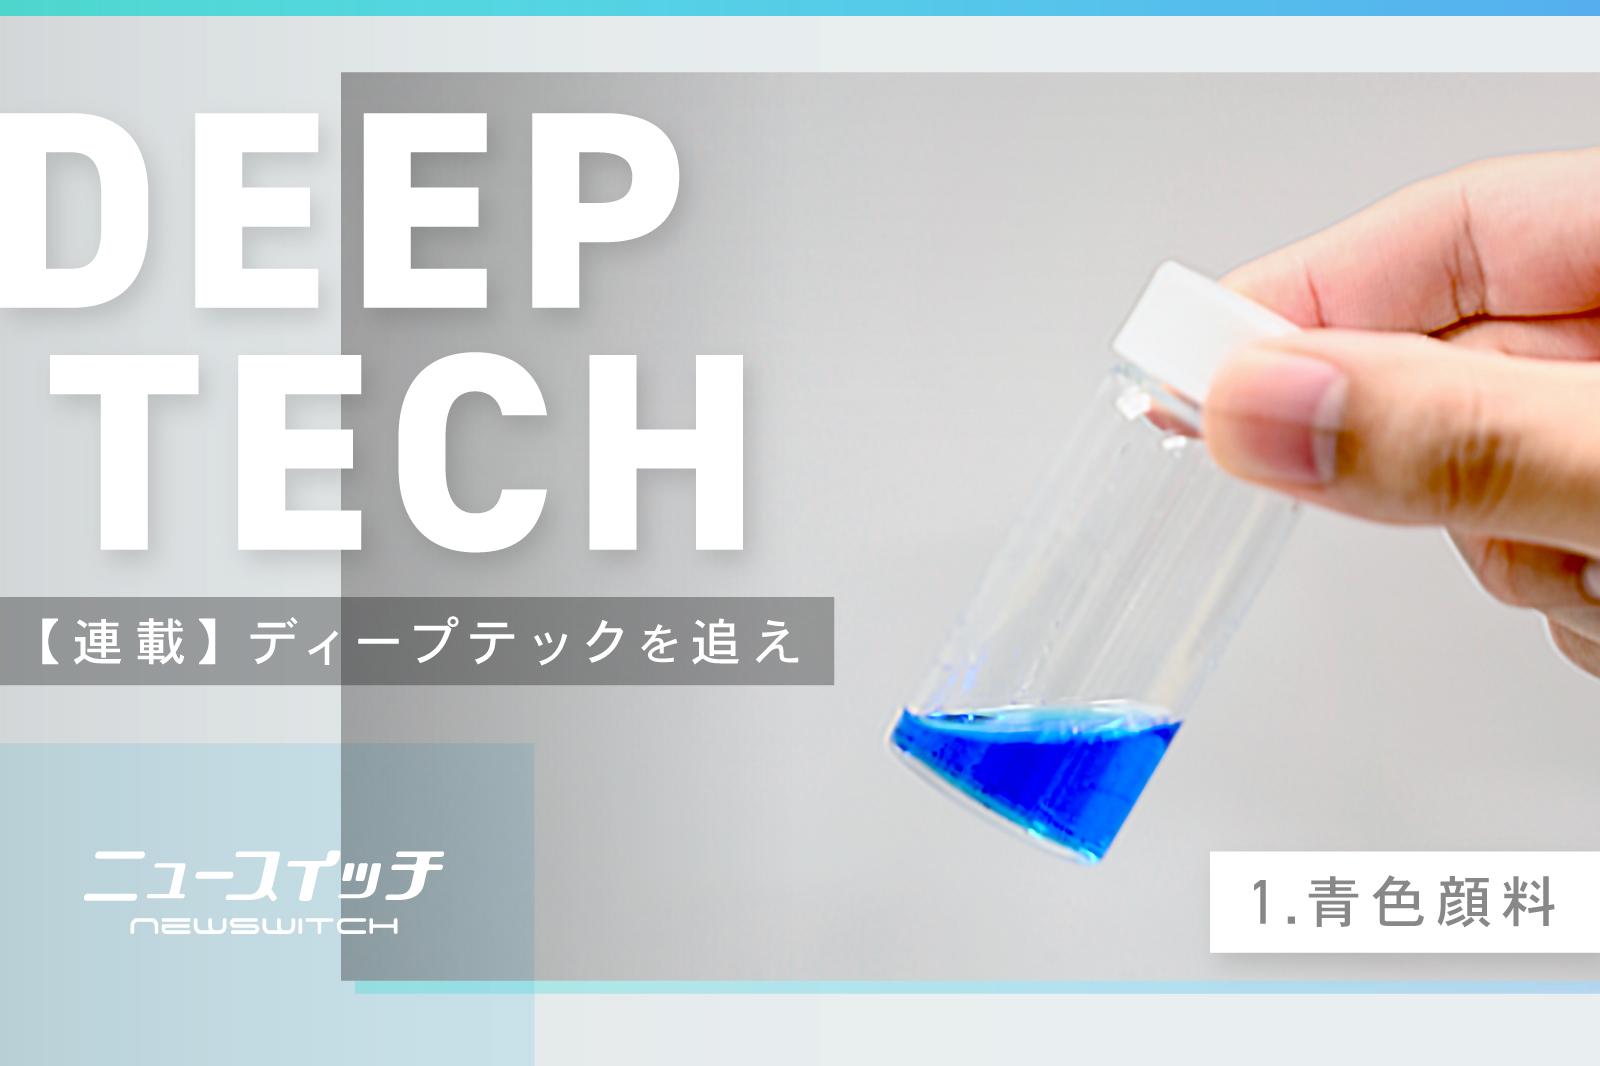 レアメタル不要の水素活用へ、「青色顔料」が挑む夢